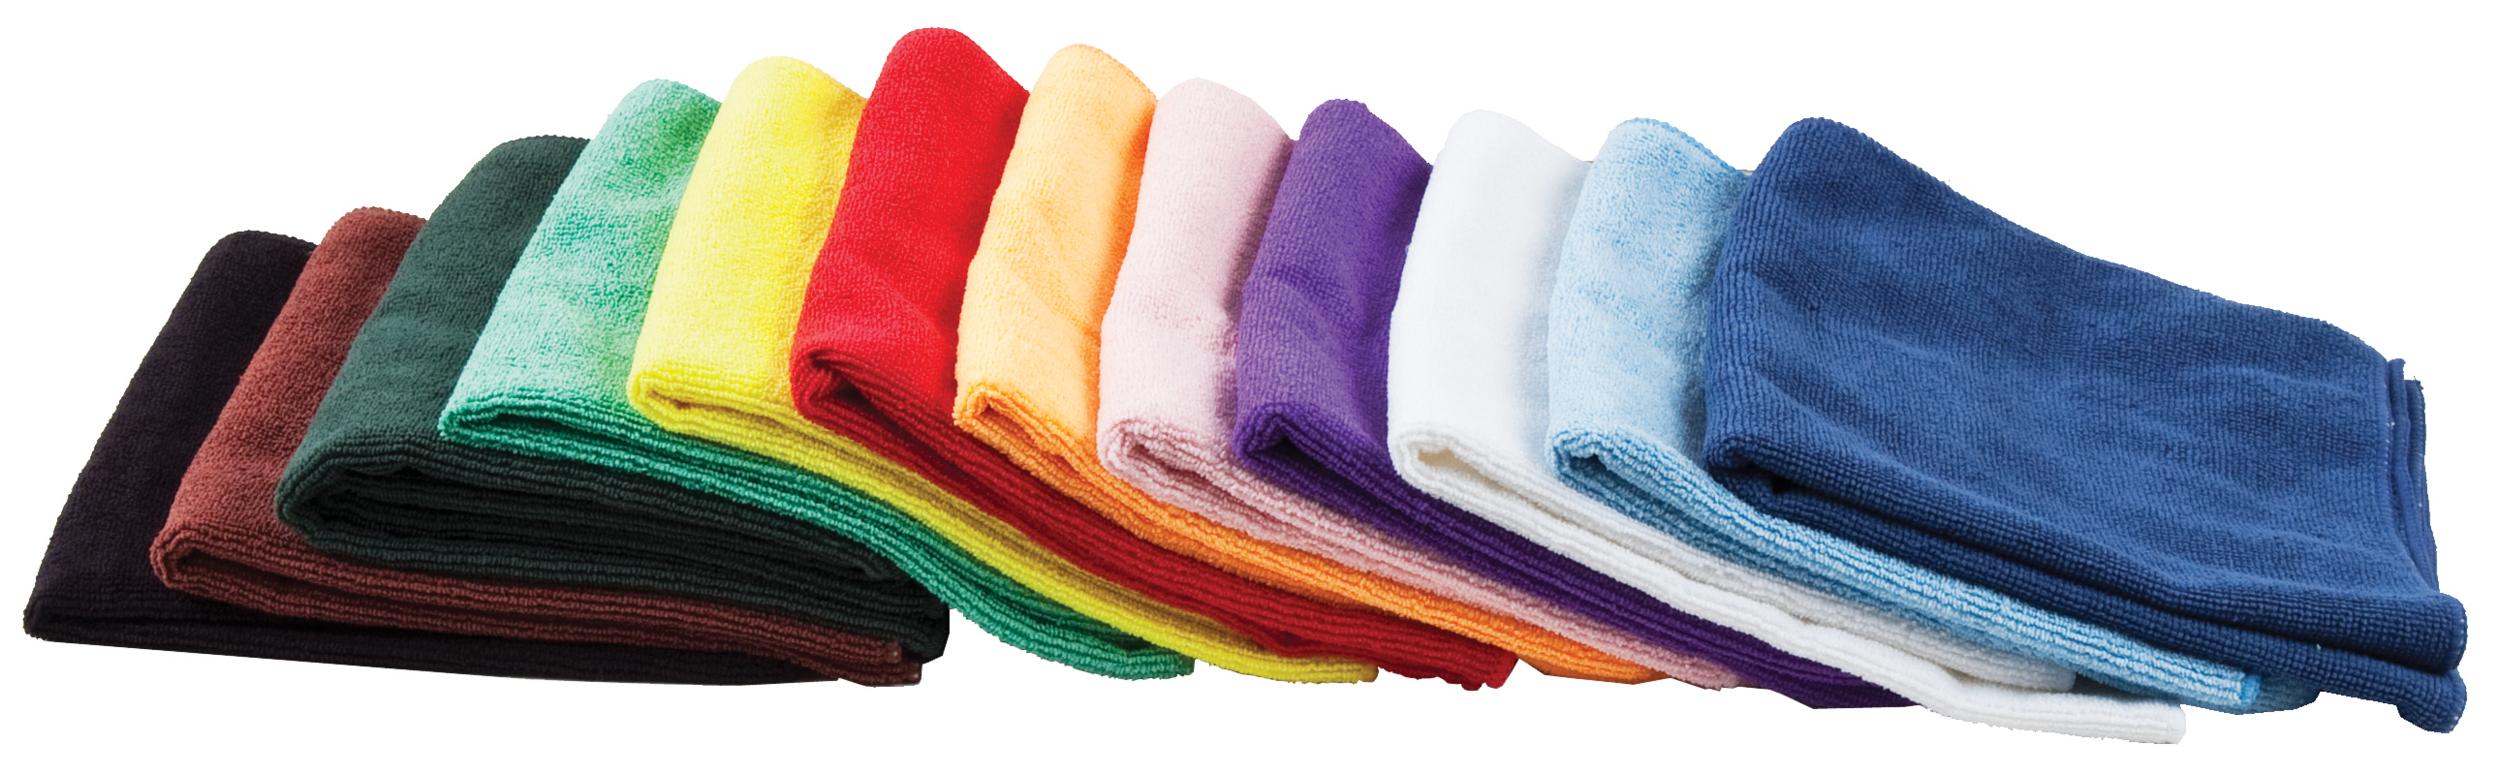 Wholesale Microfiber Cloths